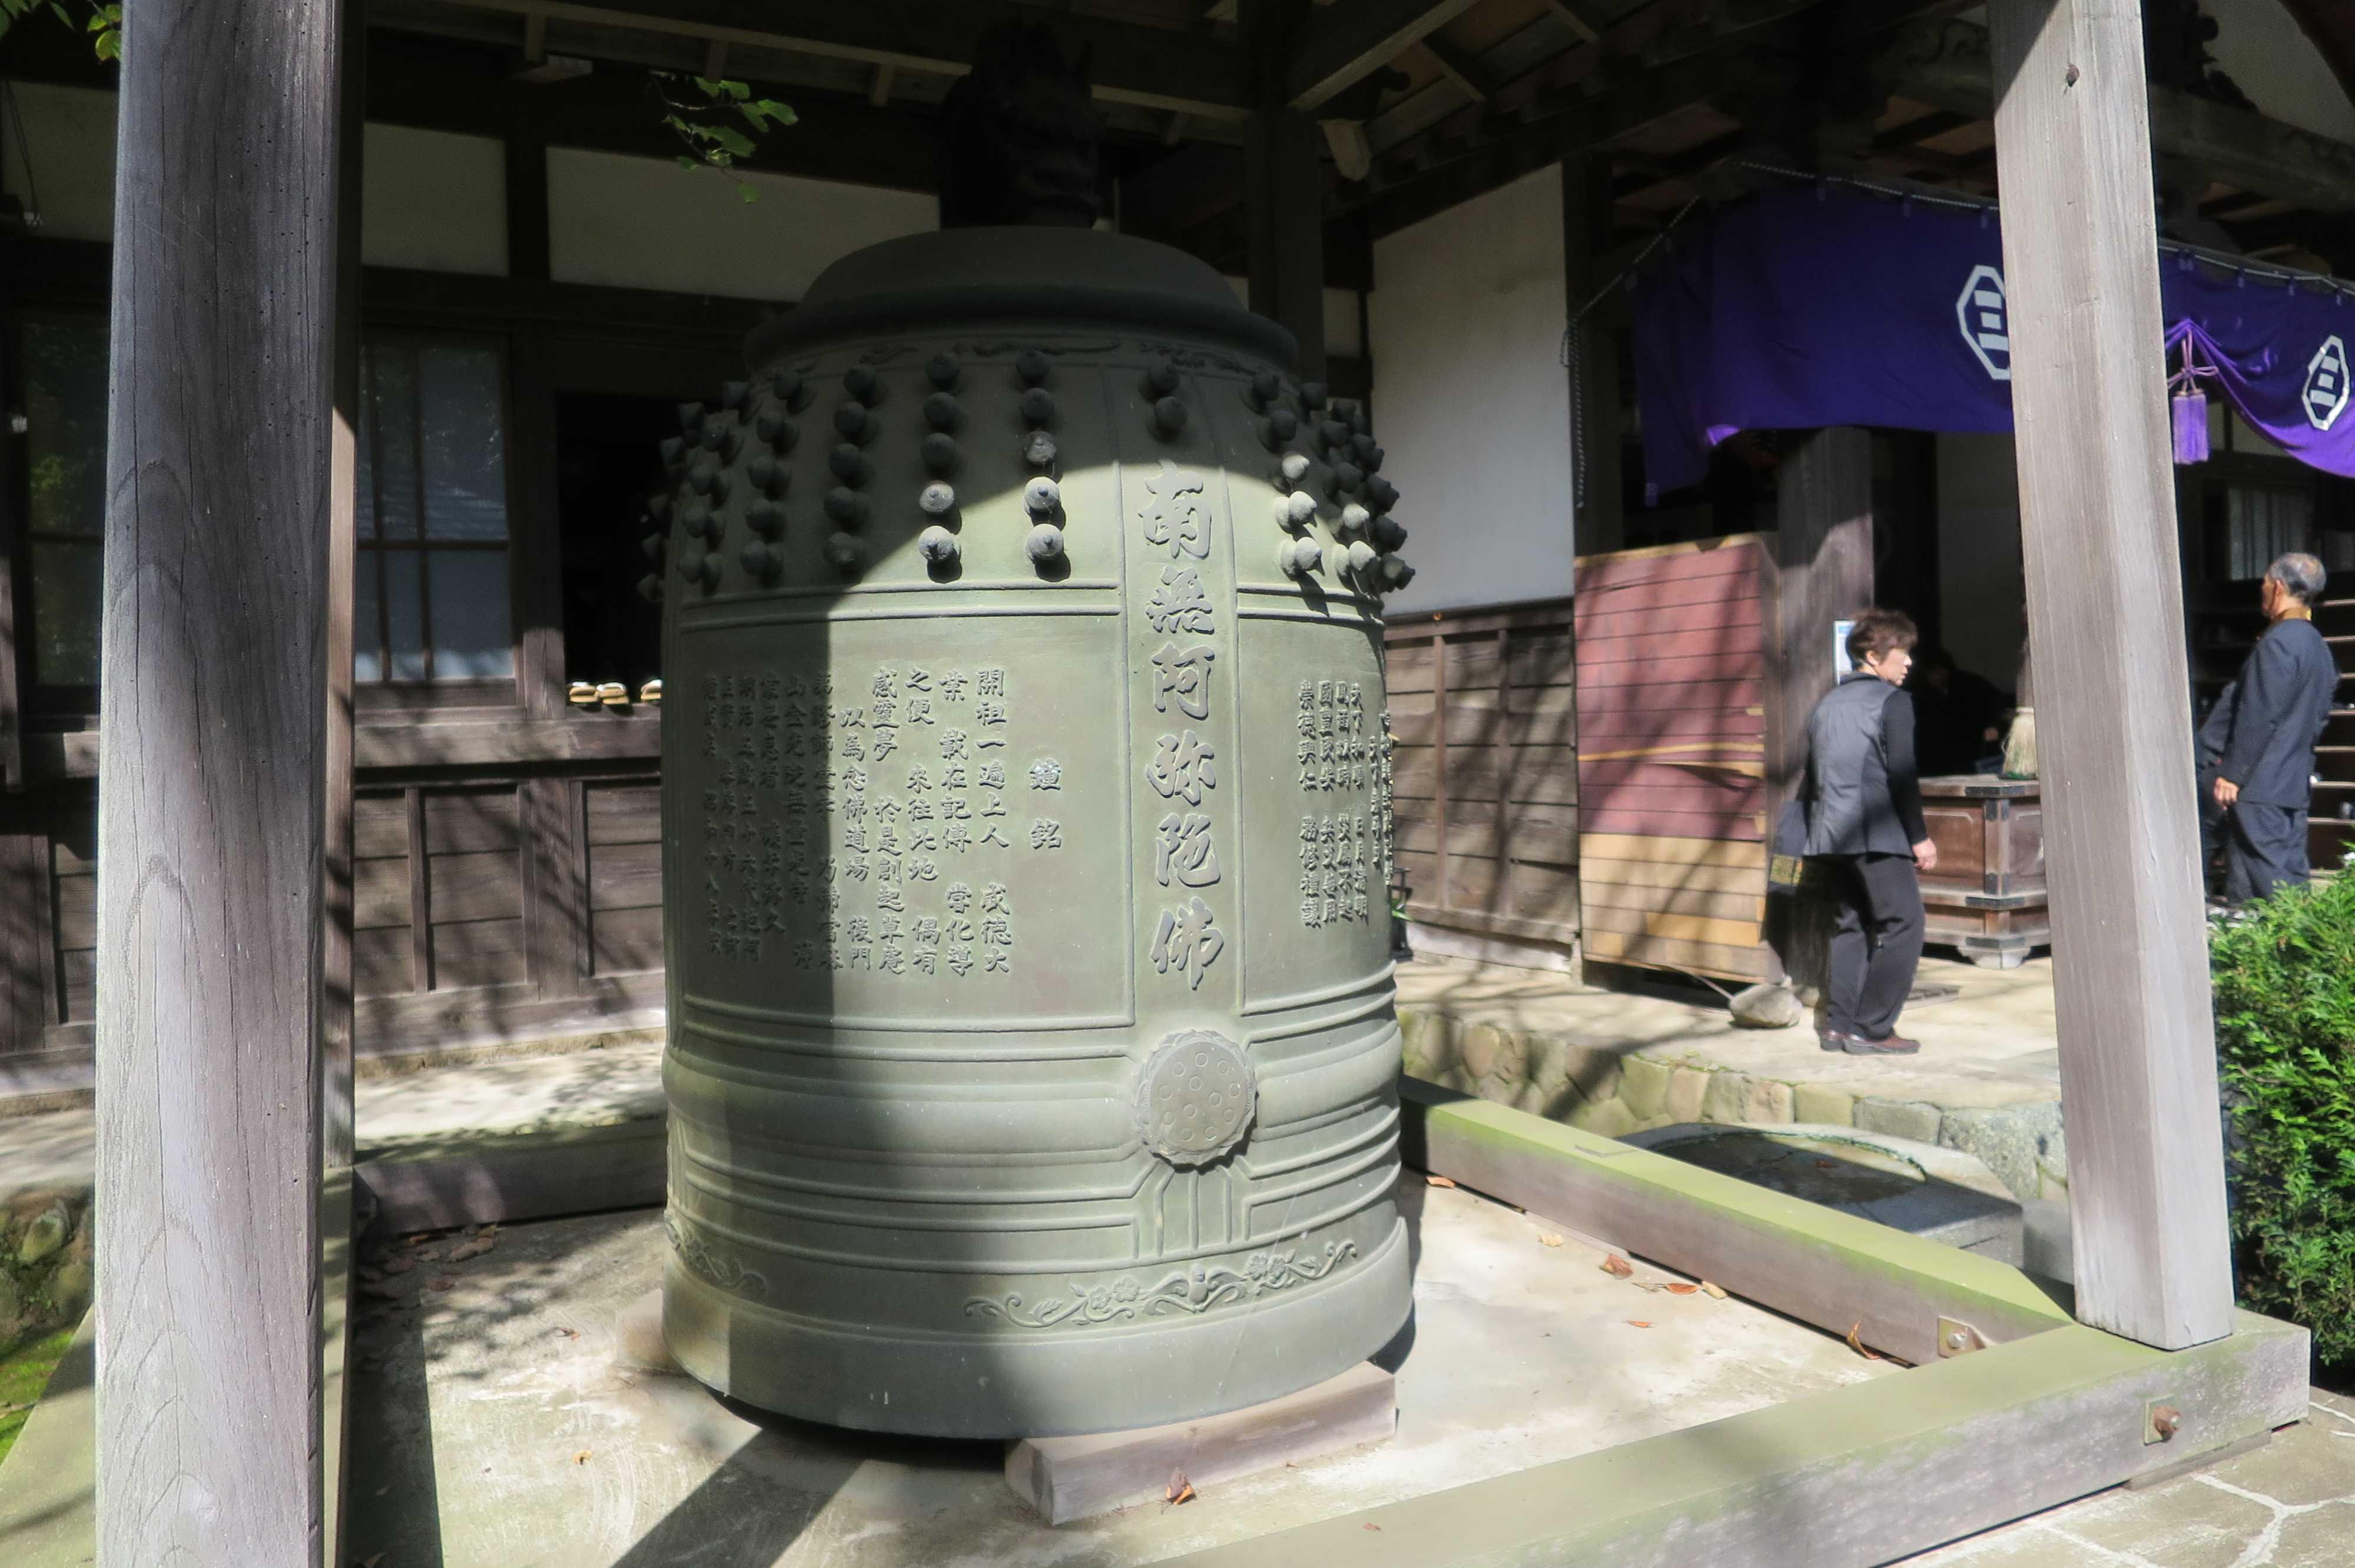 無量光寺 - 本堂入口前の大きな鐘